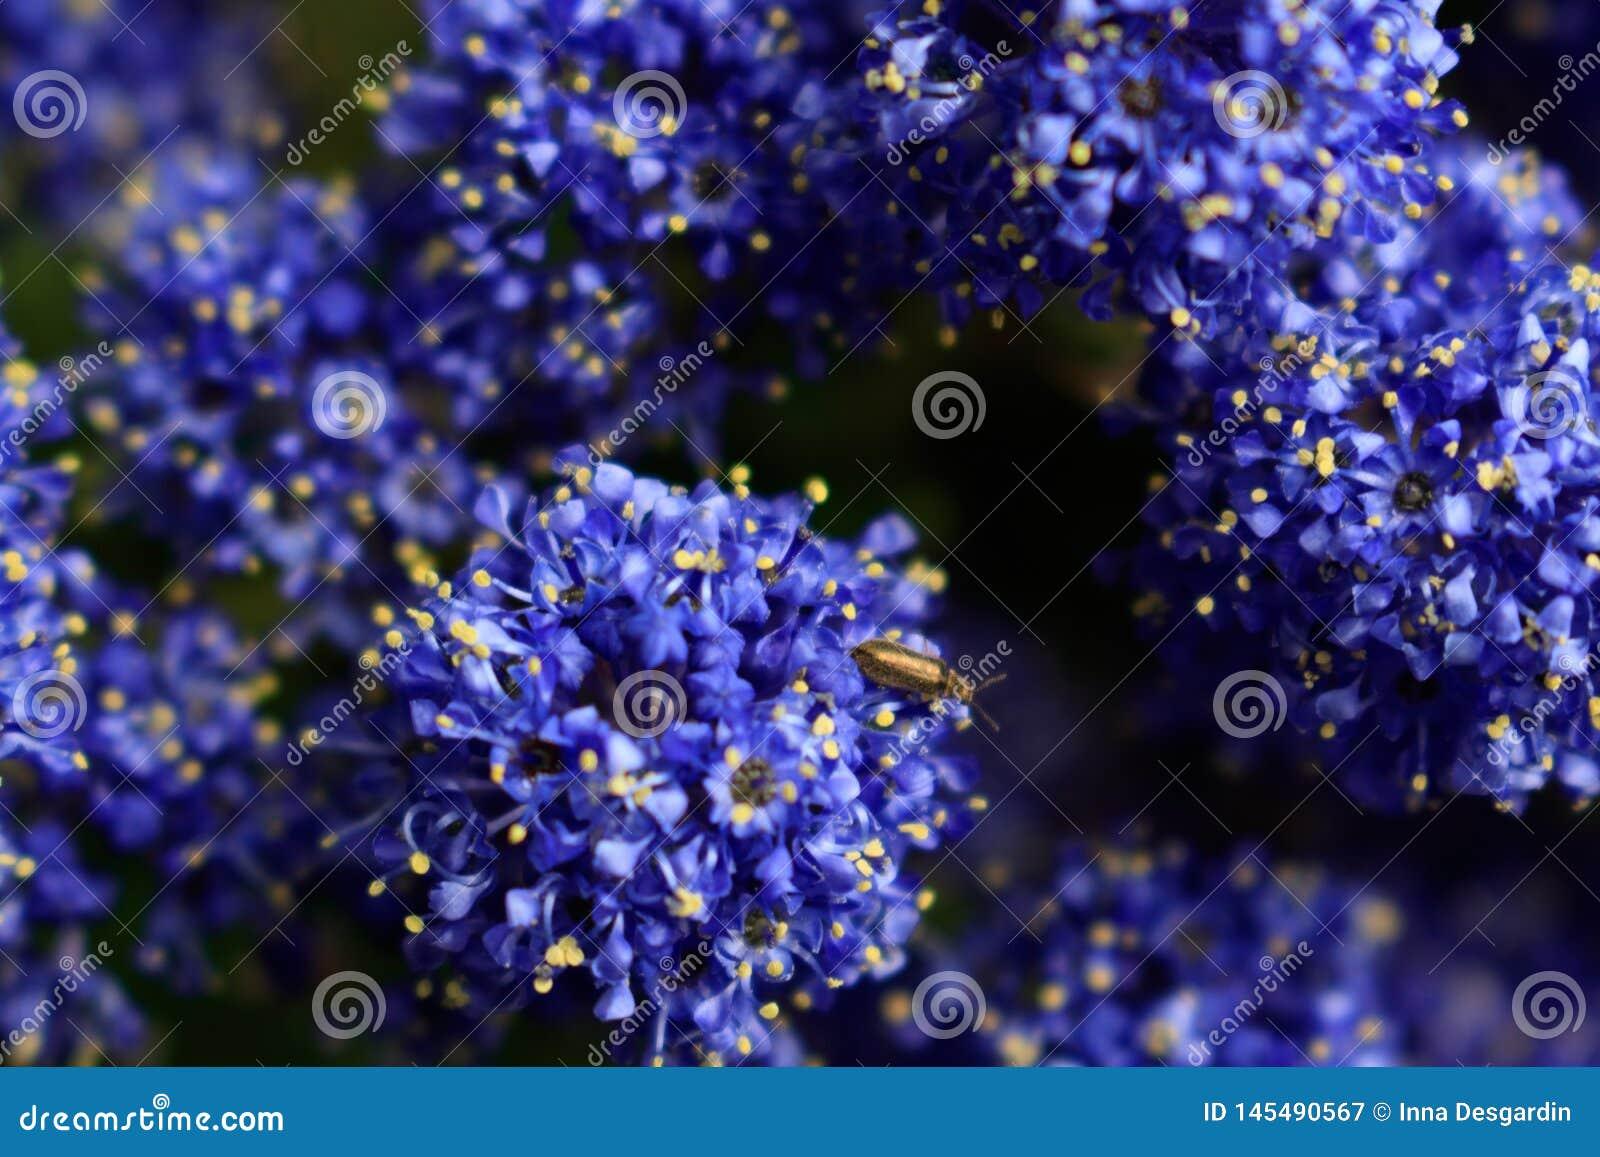 Fondo floral del añil azul El lanzamiento macro de la lila de California visitó por el insecto